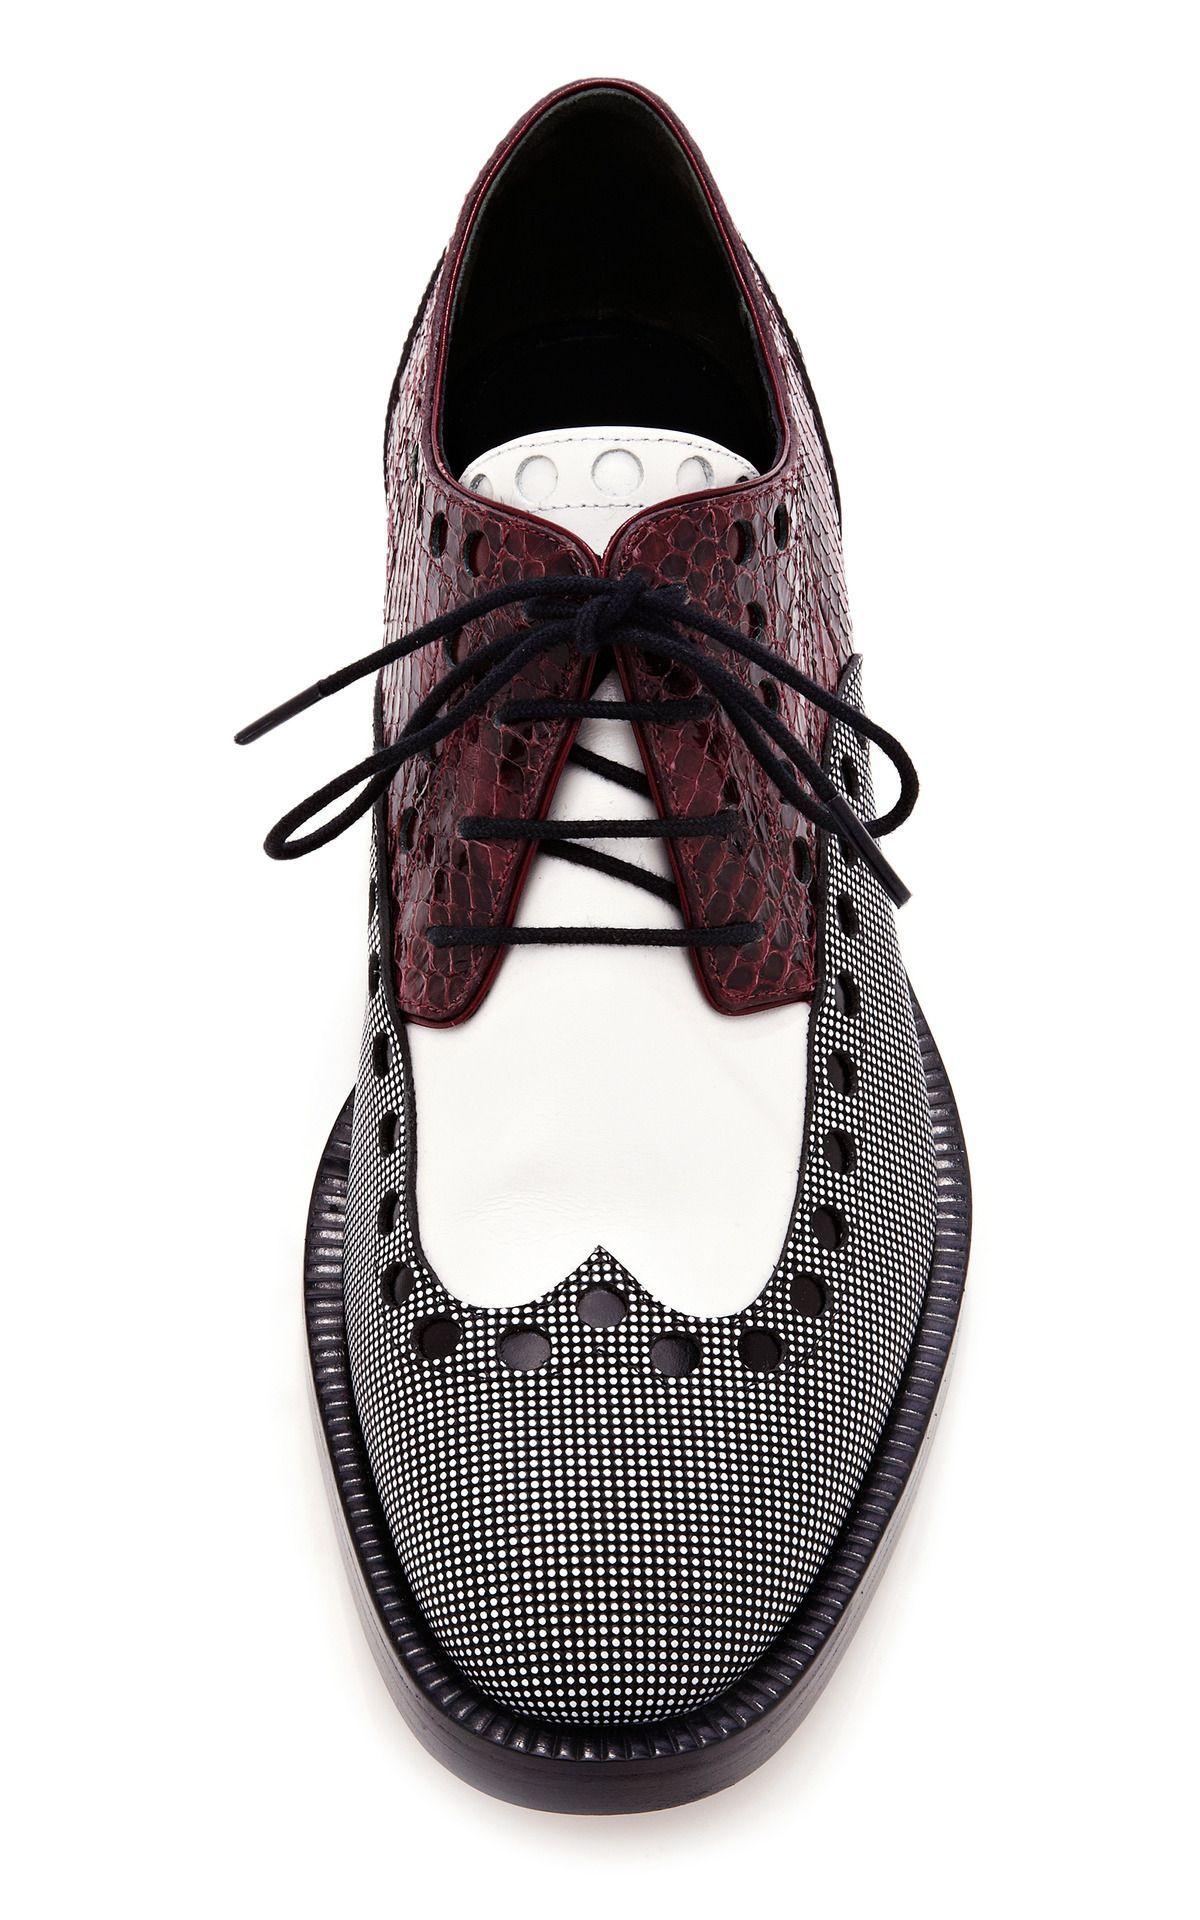 17+ Amazing Women Shoes Black Ideas #shoewedges